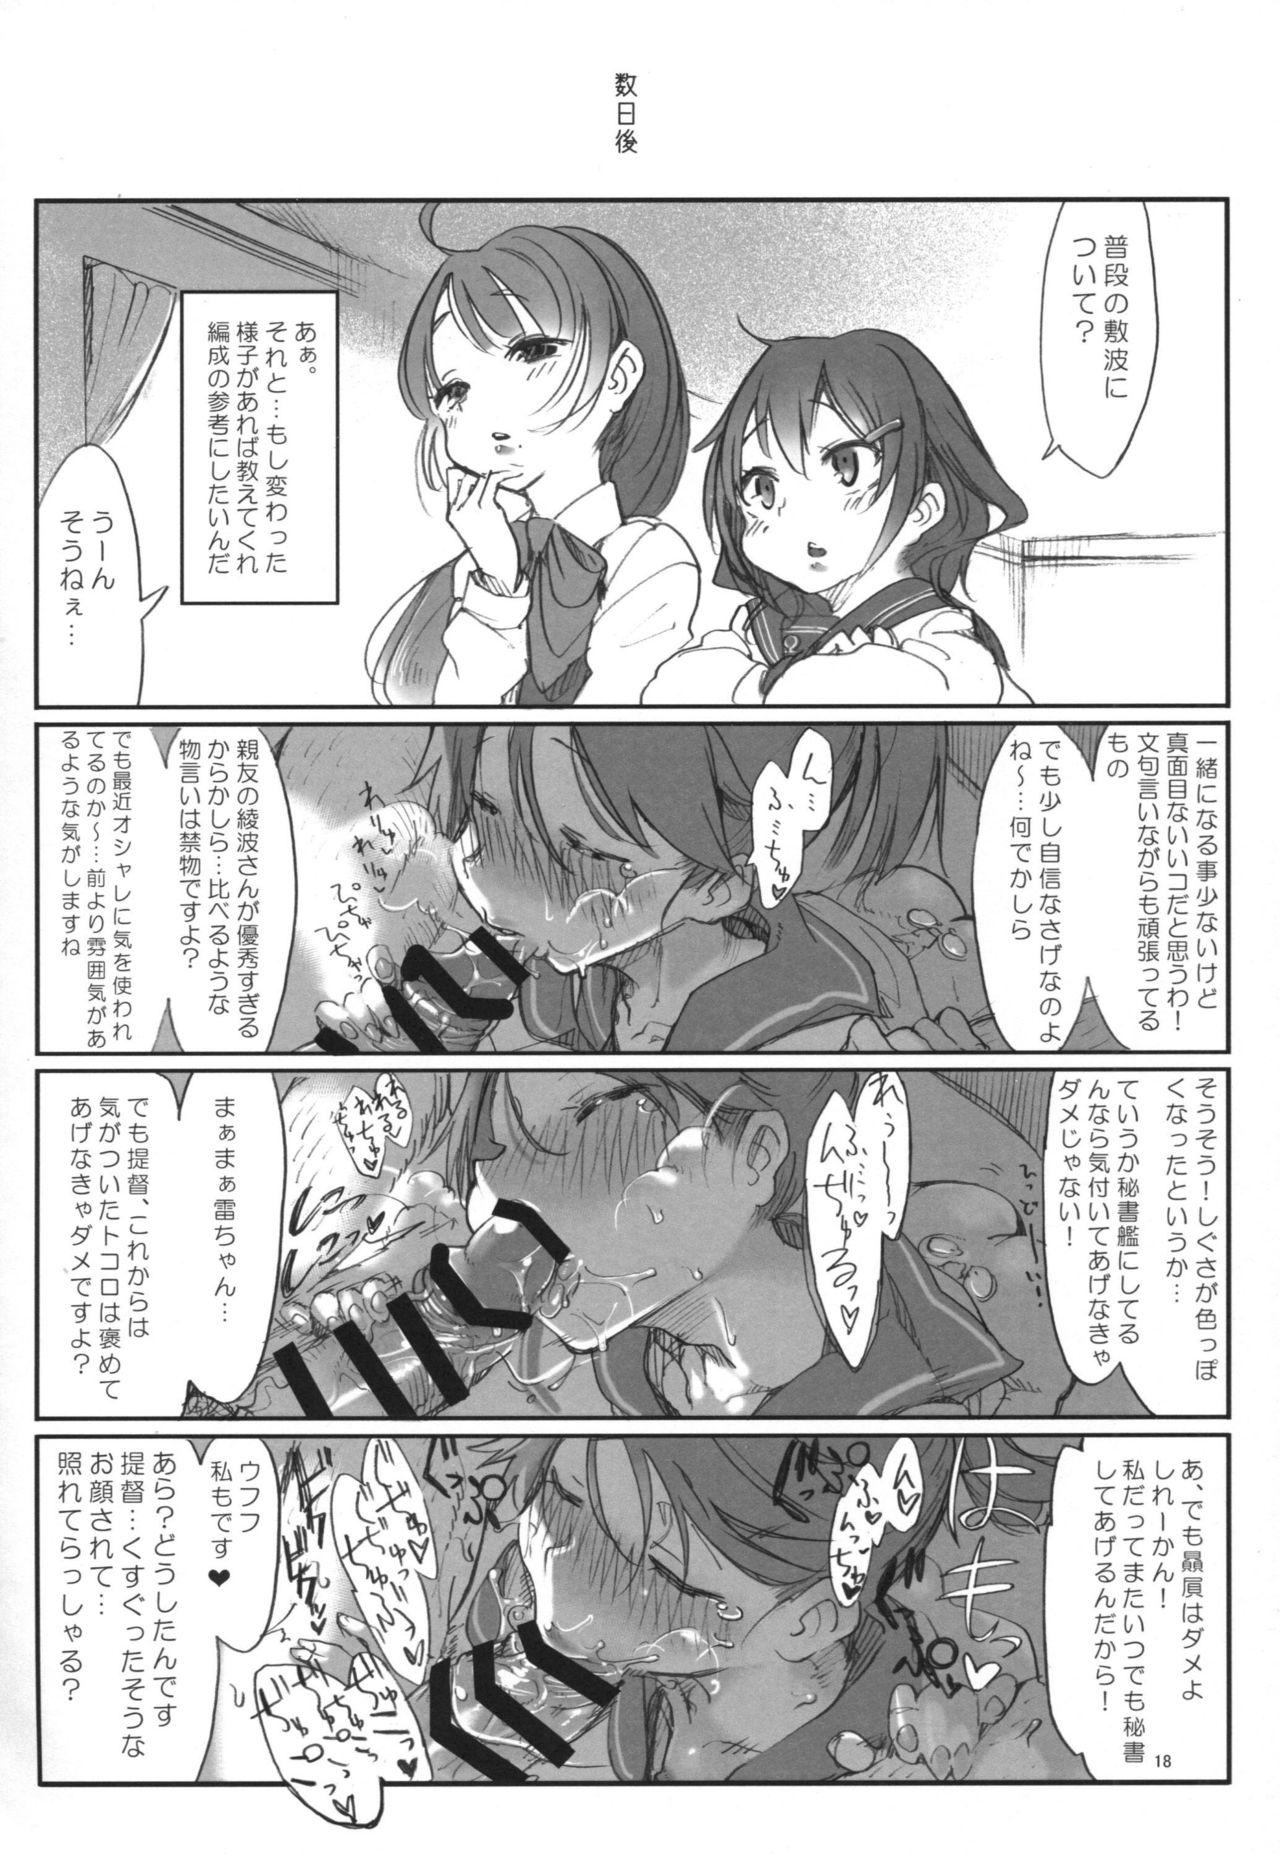 Hentai Selection 16